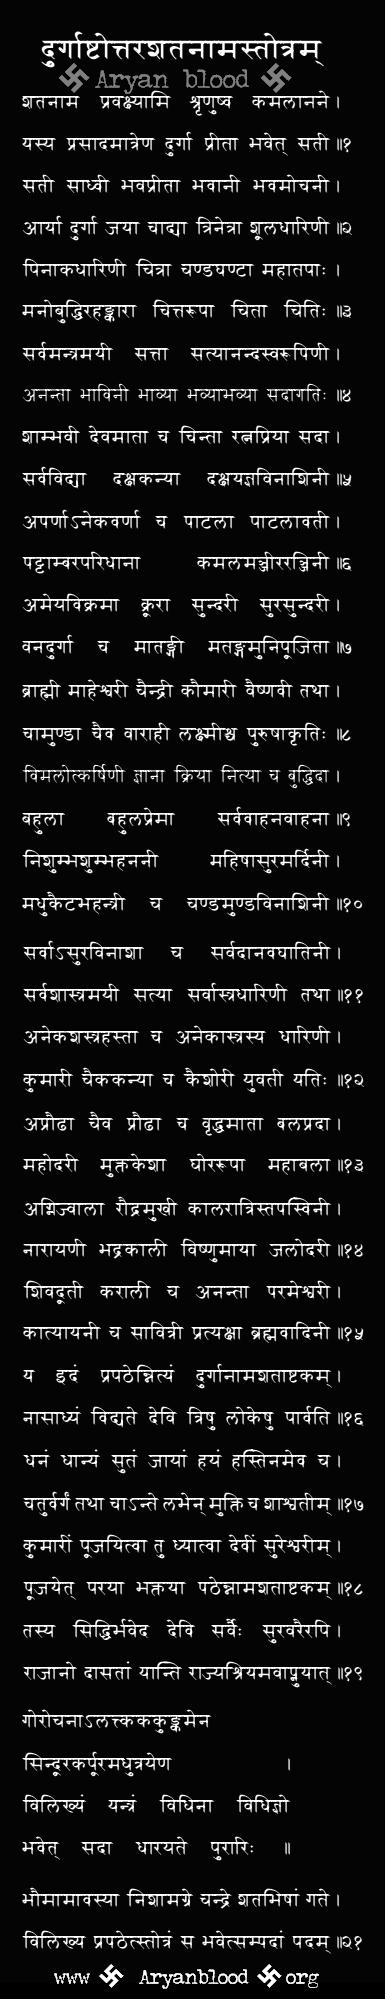 durga 32 names pdf